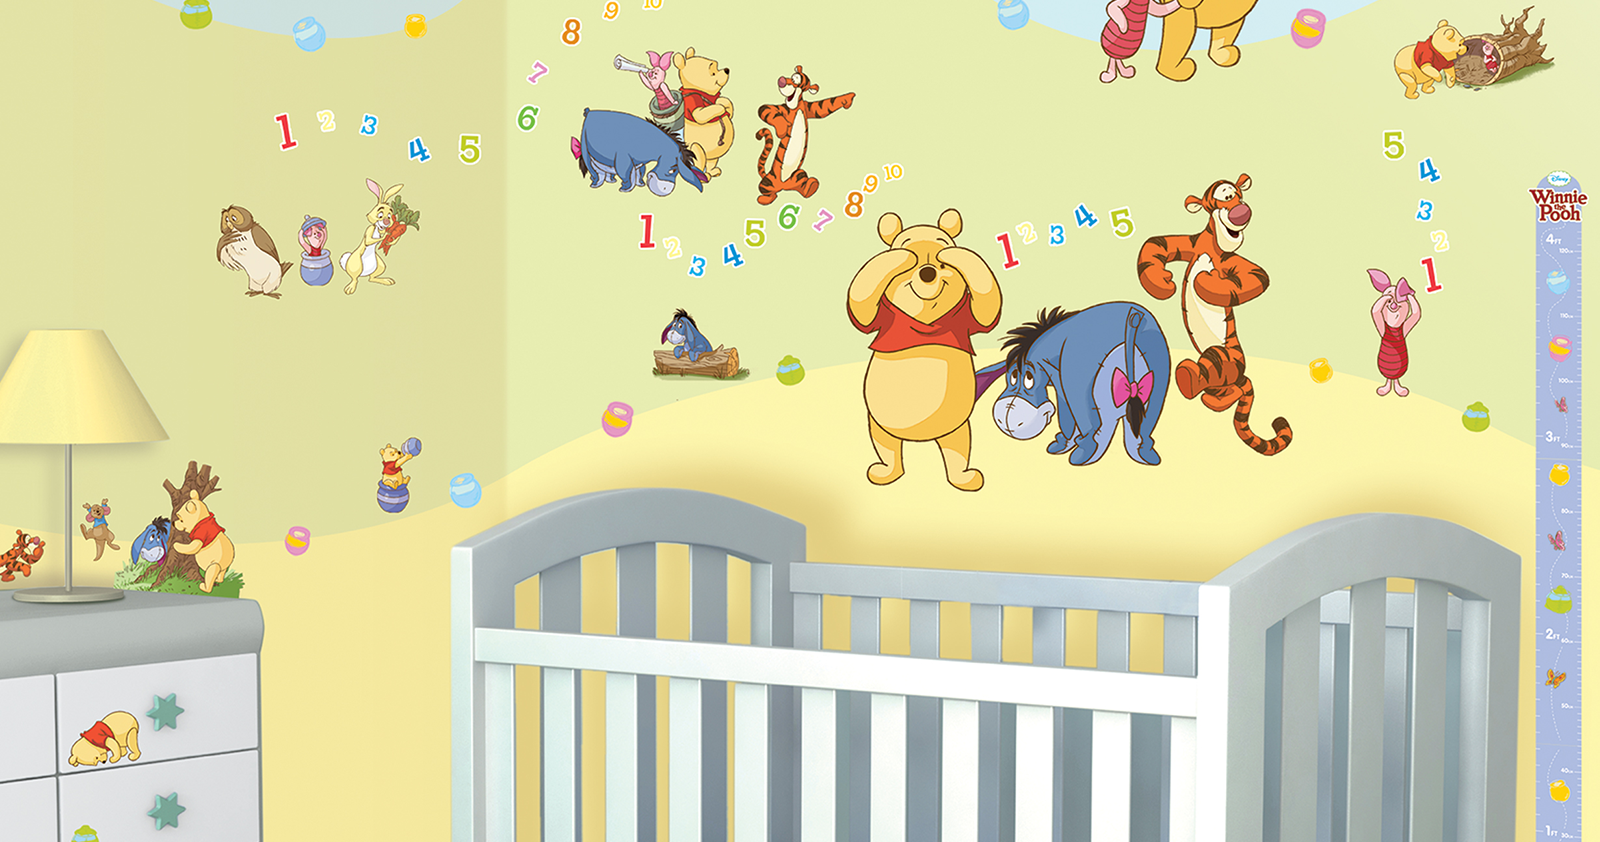 Muursticker winnie the pooh muurstickers - Winnie pooh babyzimmer ...